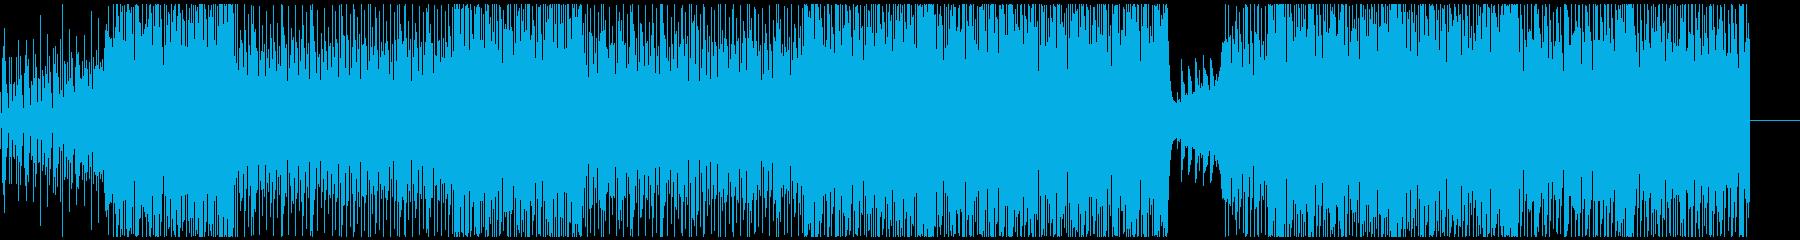 エネルギッシュ、フィールグッド、ポ...の再生済みの波形